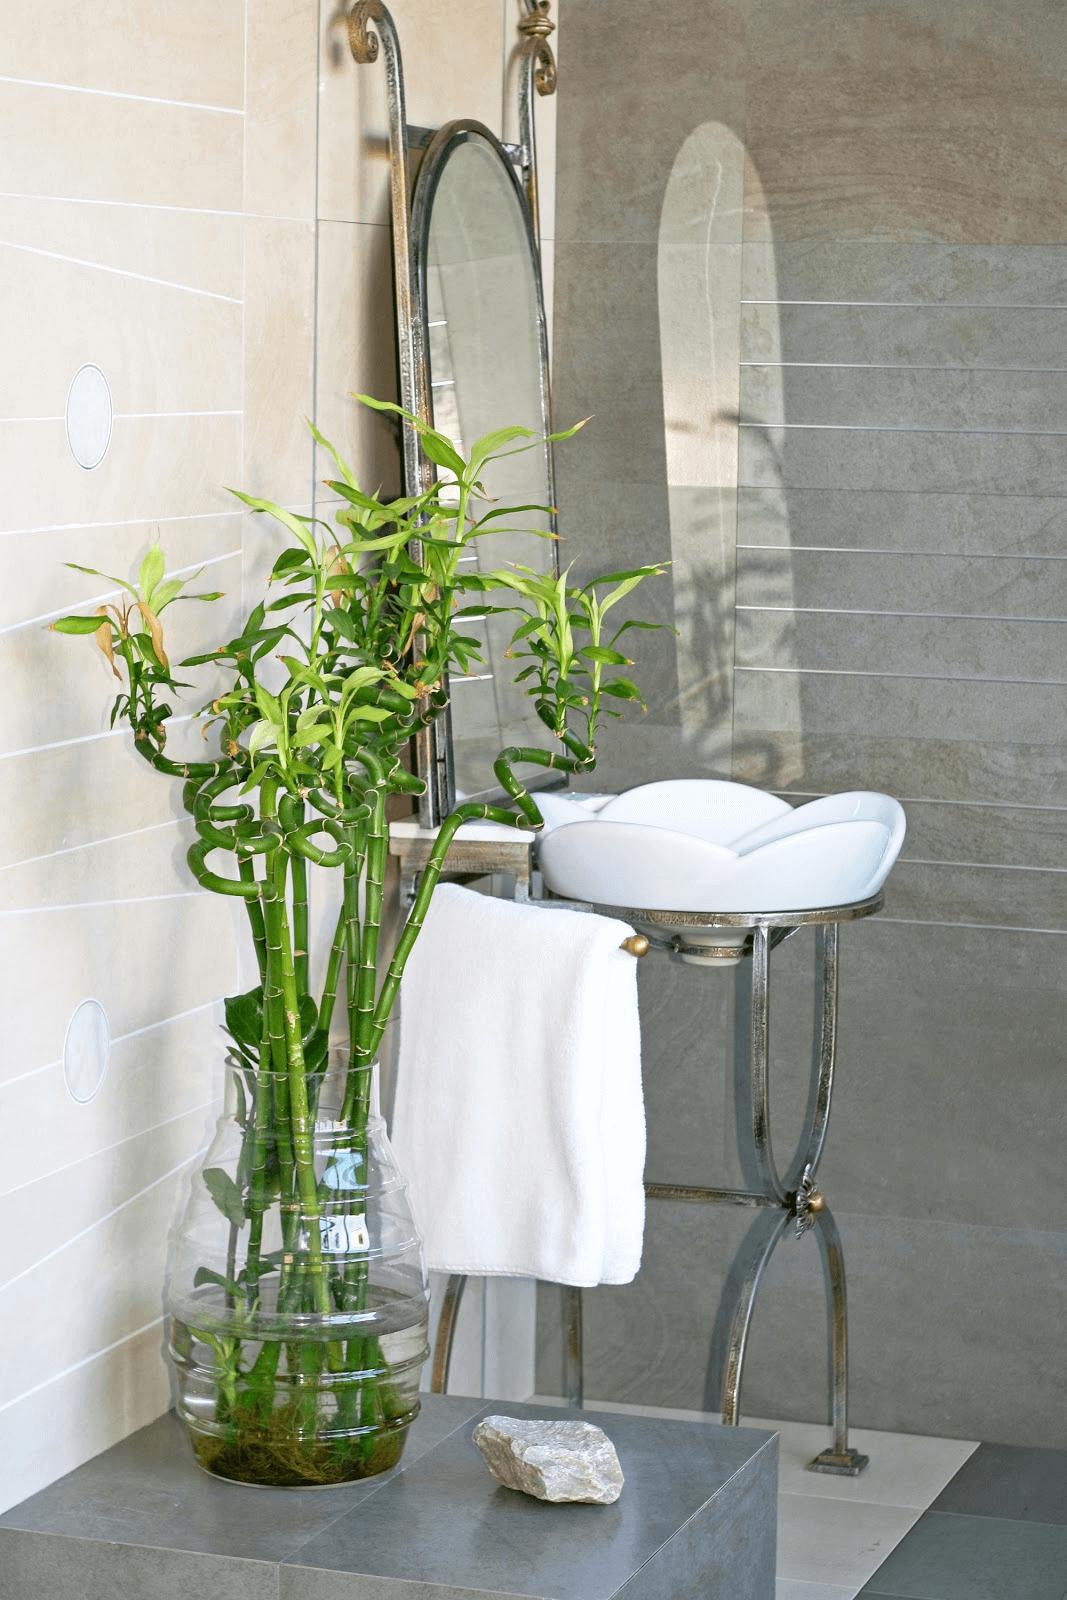 Nice pot for bathroom plants decor ideas